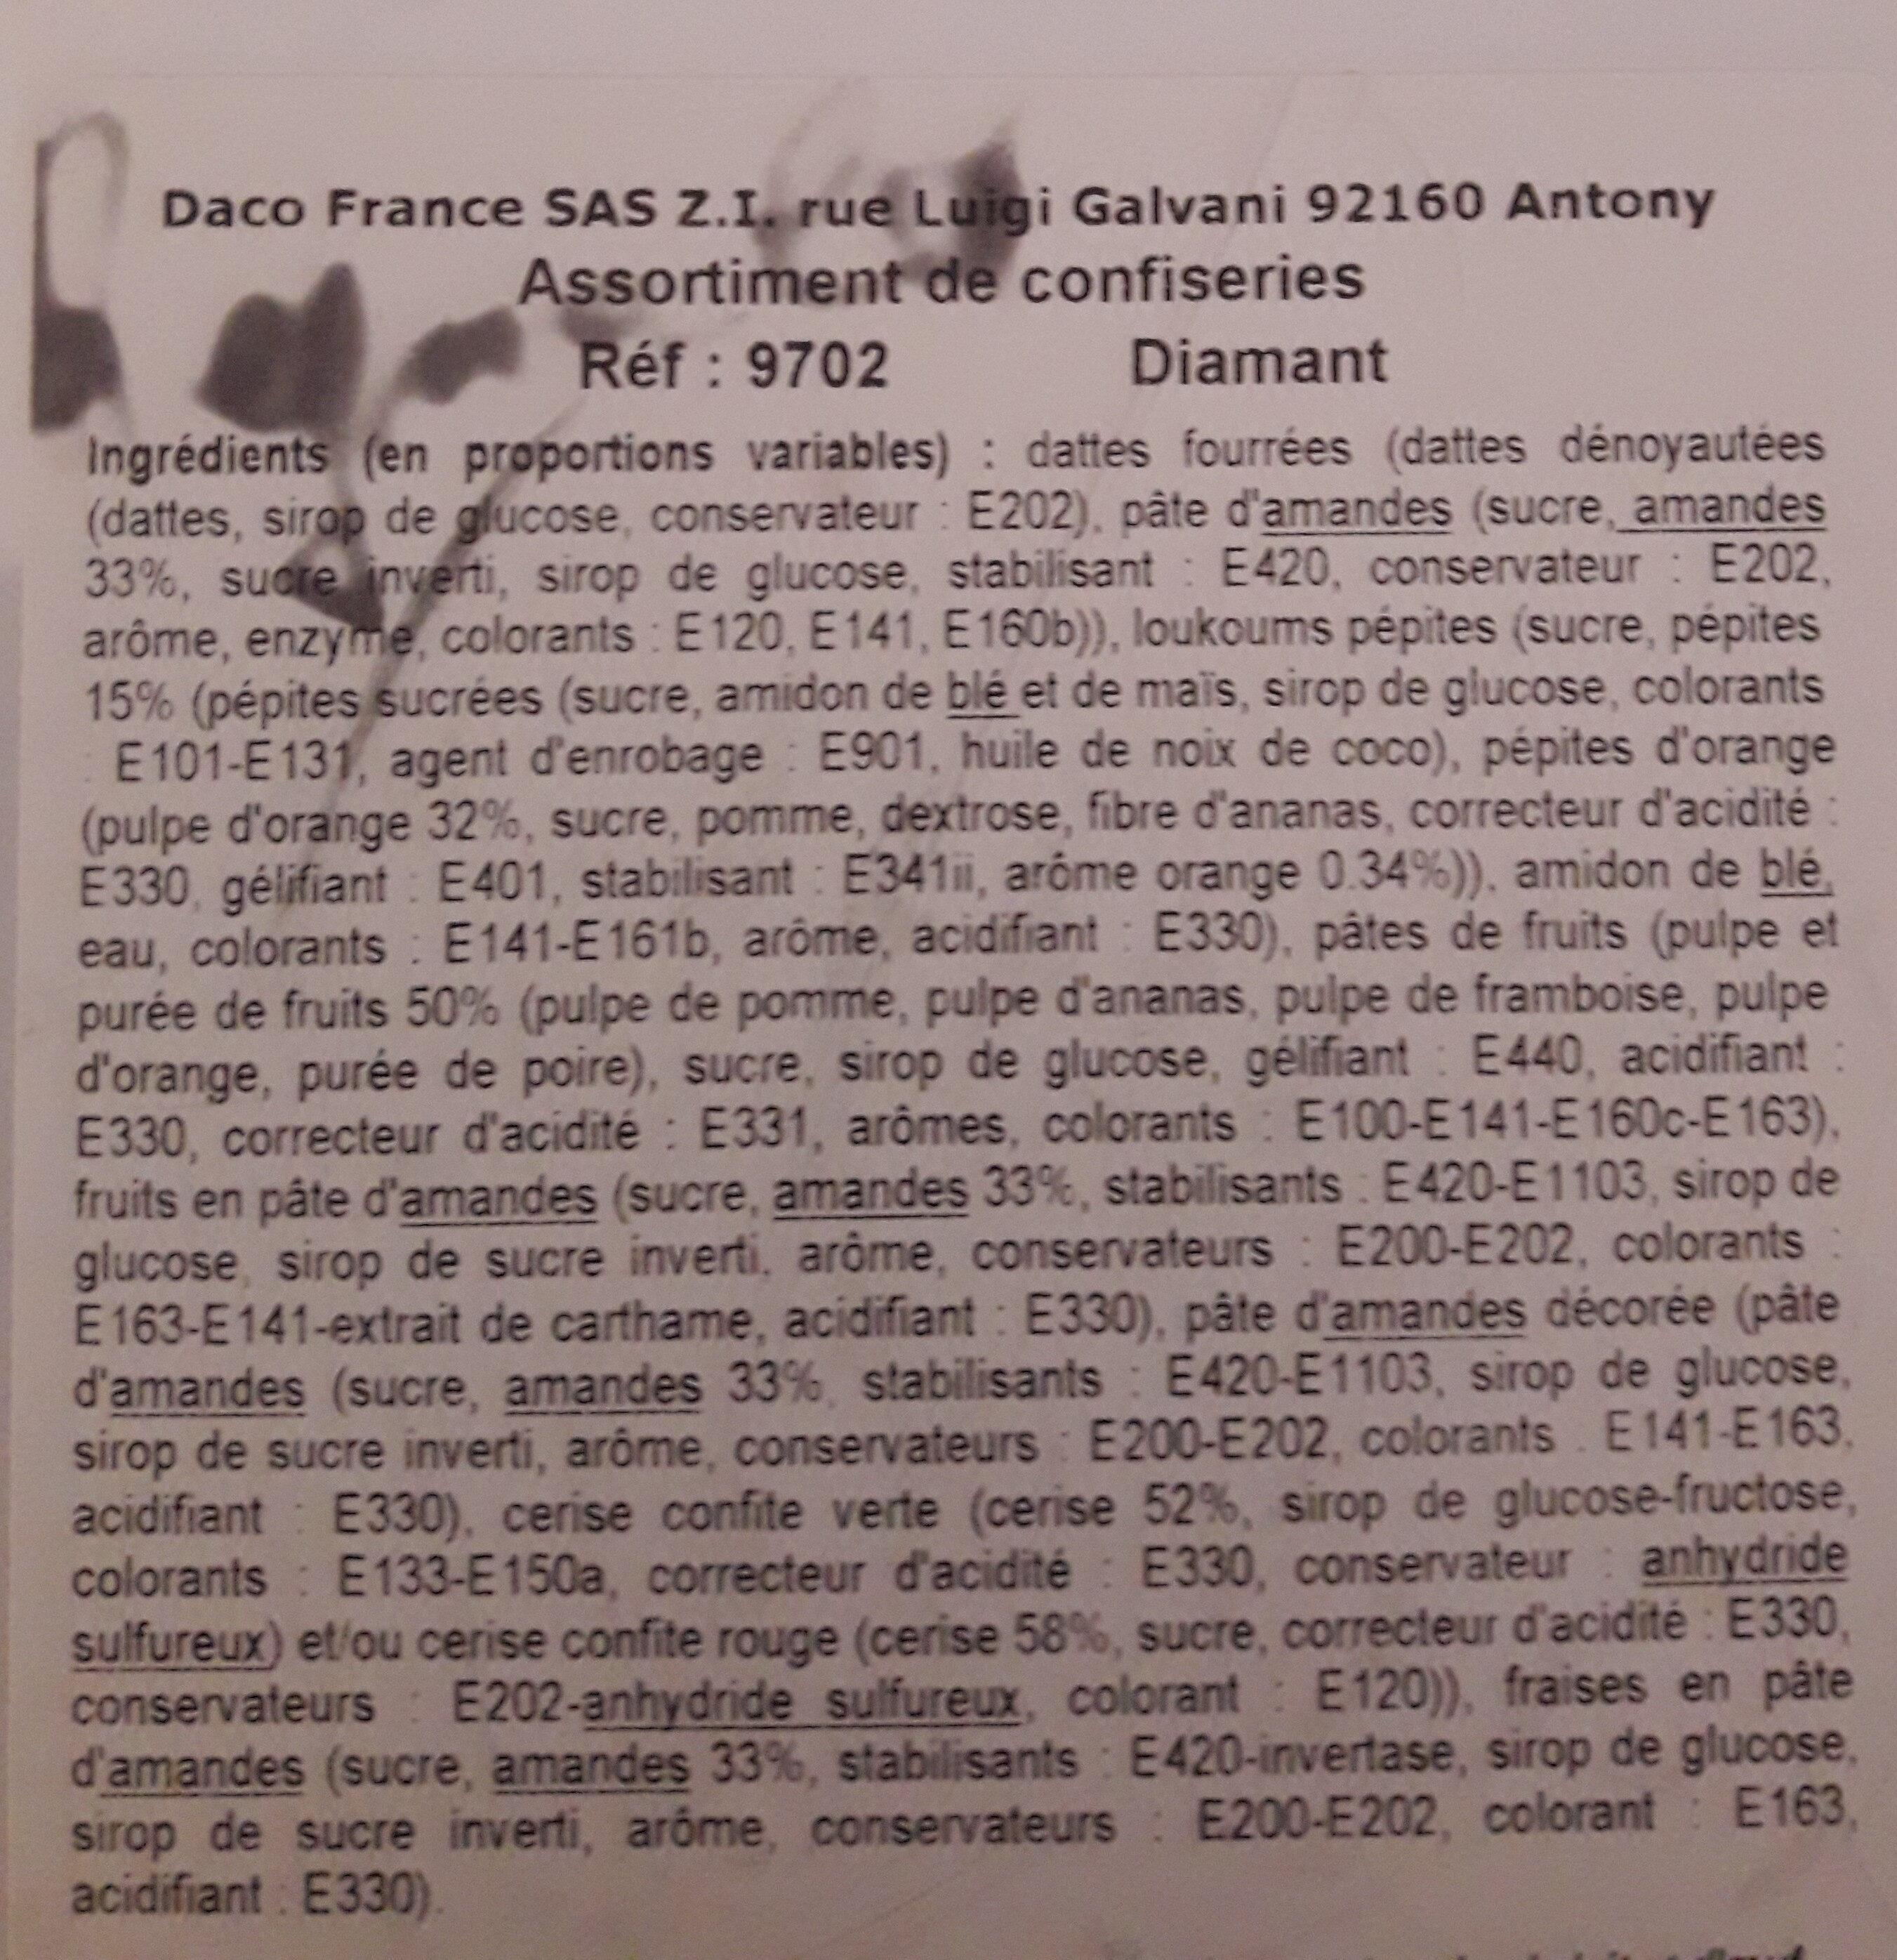 Assortiment de confiseries Diamant - Ingredients